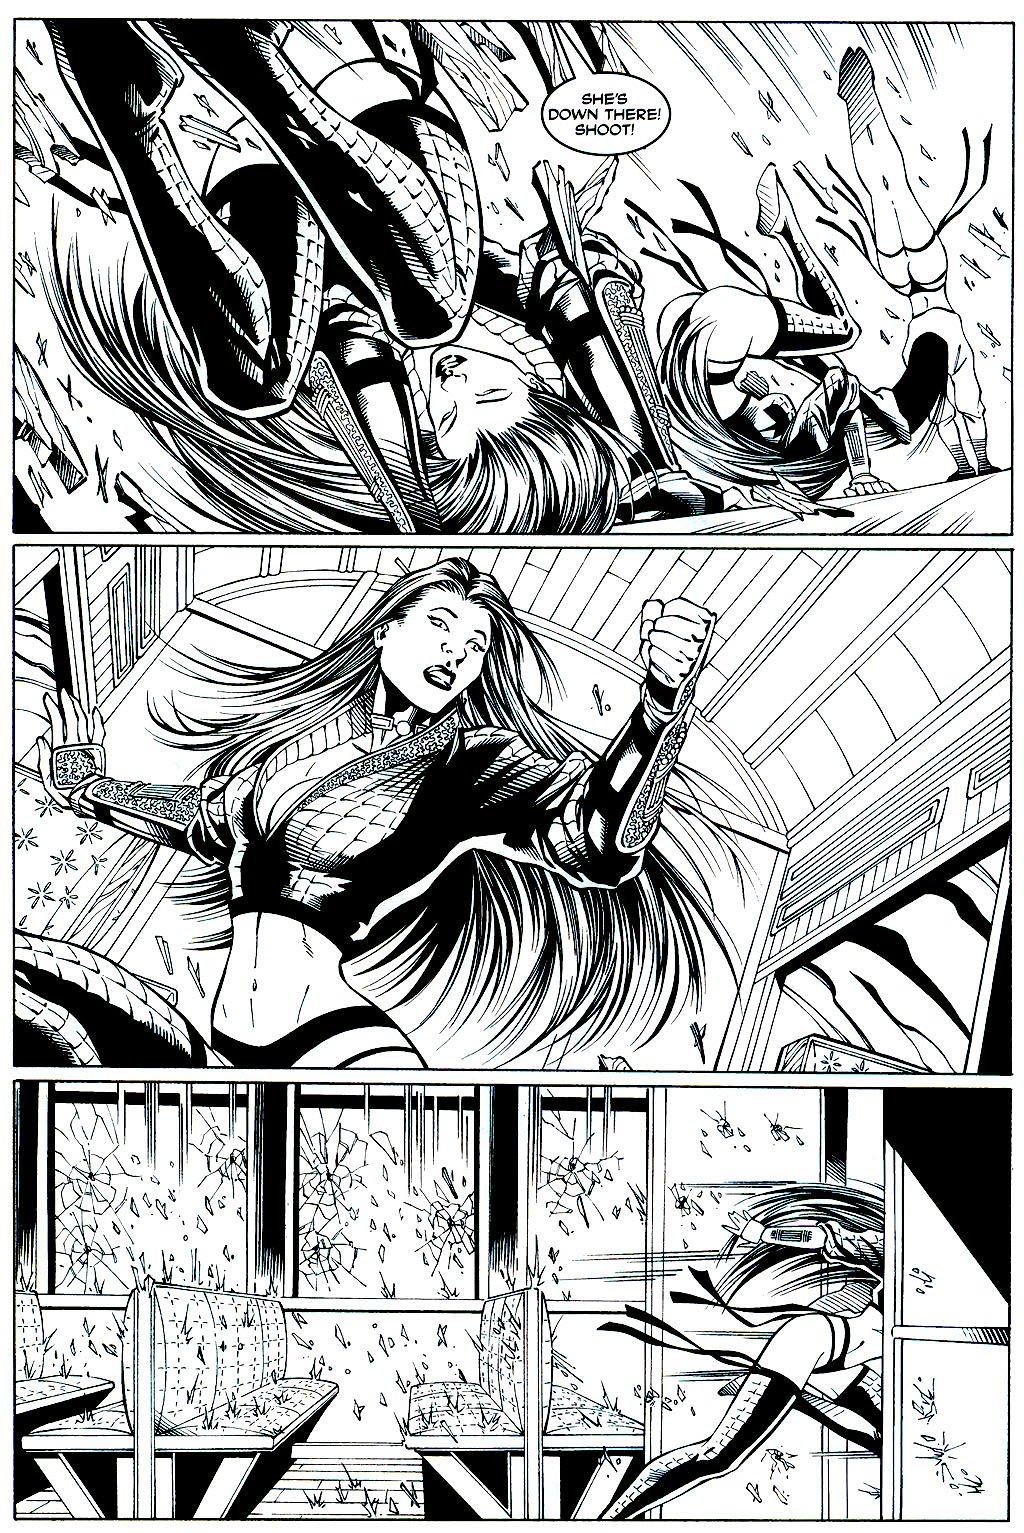 Read online Shi: Sempo comic -  Issue #2 - 11